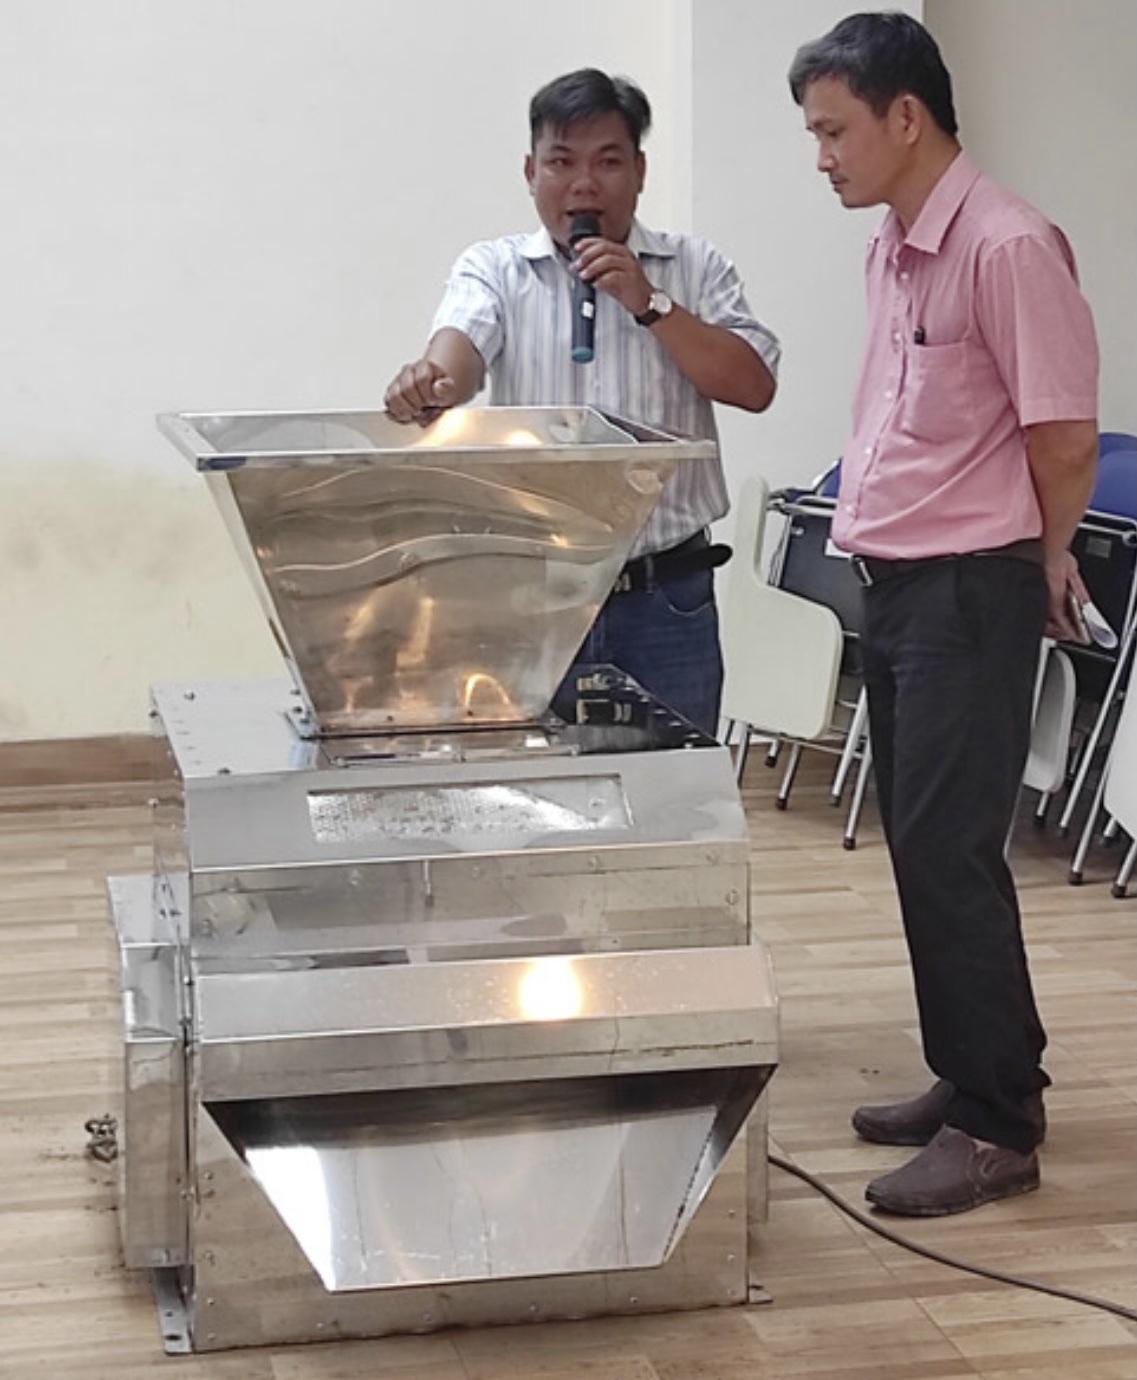 Anh Phạm Trương Ngọc An (trái) giới thiệu về máy lọc sạn đá cho nông sản. Ảnh: NVCC